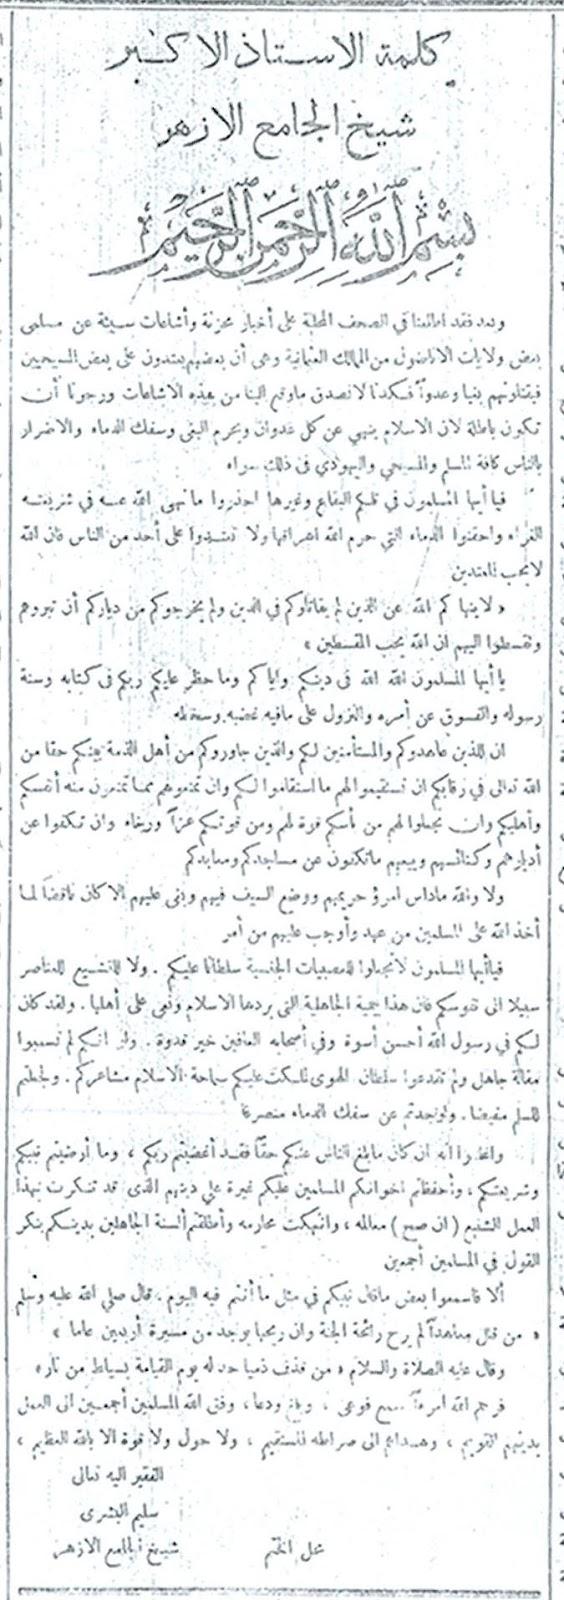 http://3.bp.blogspot.com/-ZQ7wE1dX_os/UDJvlqdMR8I/AAAAAAAABk4/IL_H1pGJSGI/s1600/Al-Azhar+Fatwa.JPG